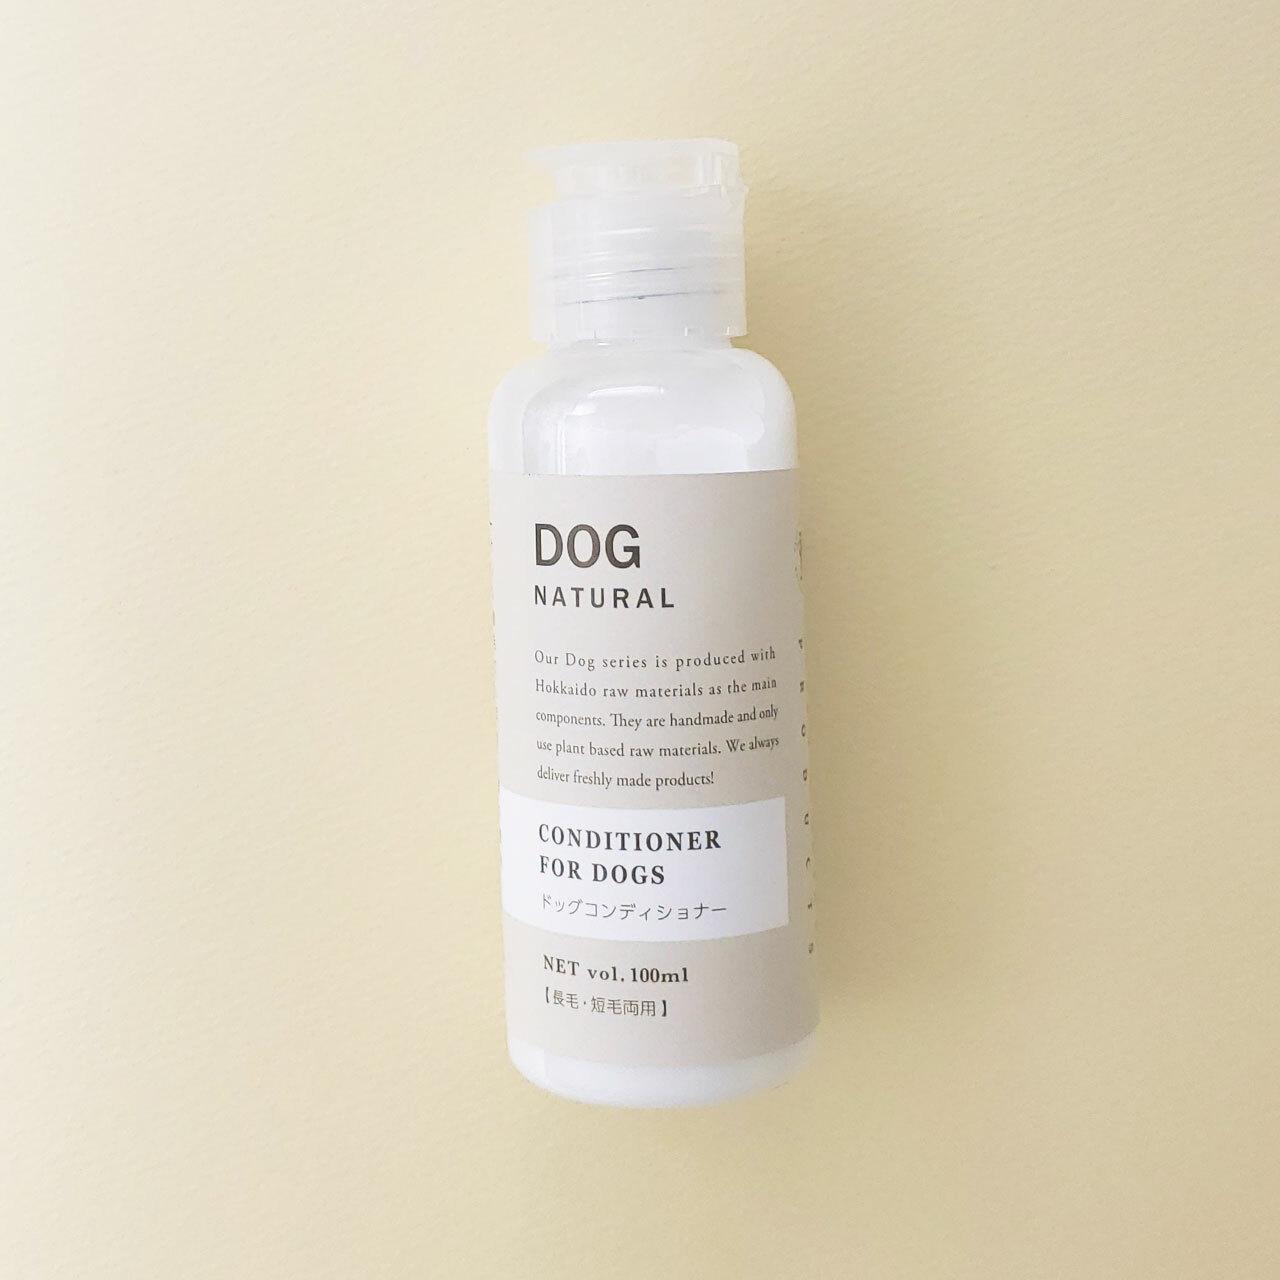 DOG 犬用コンディショナー